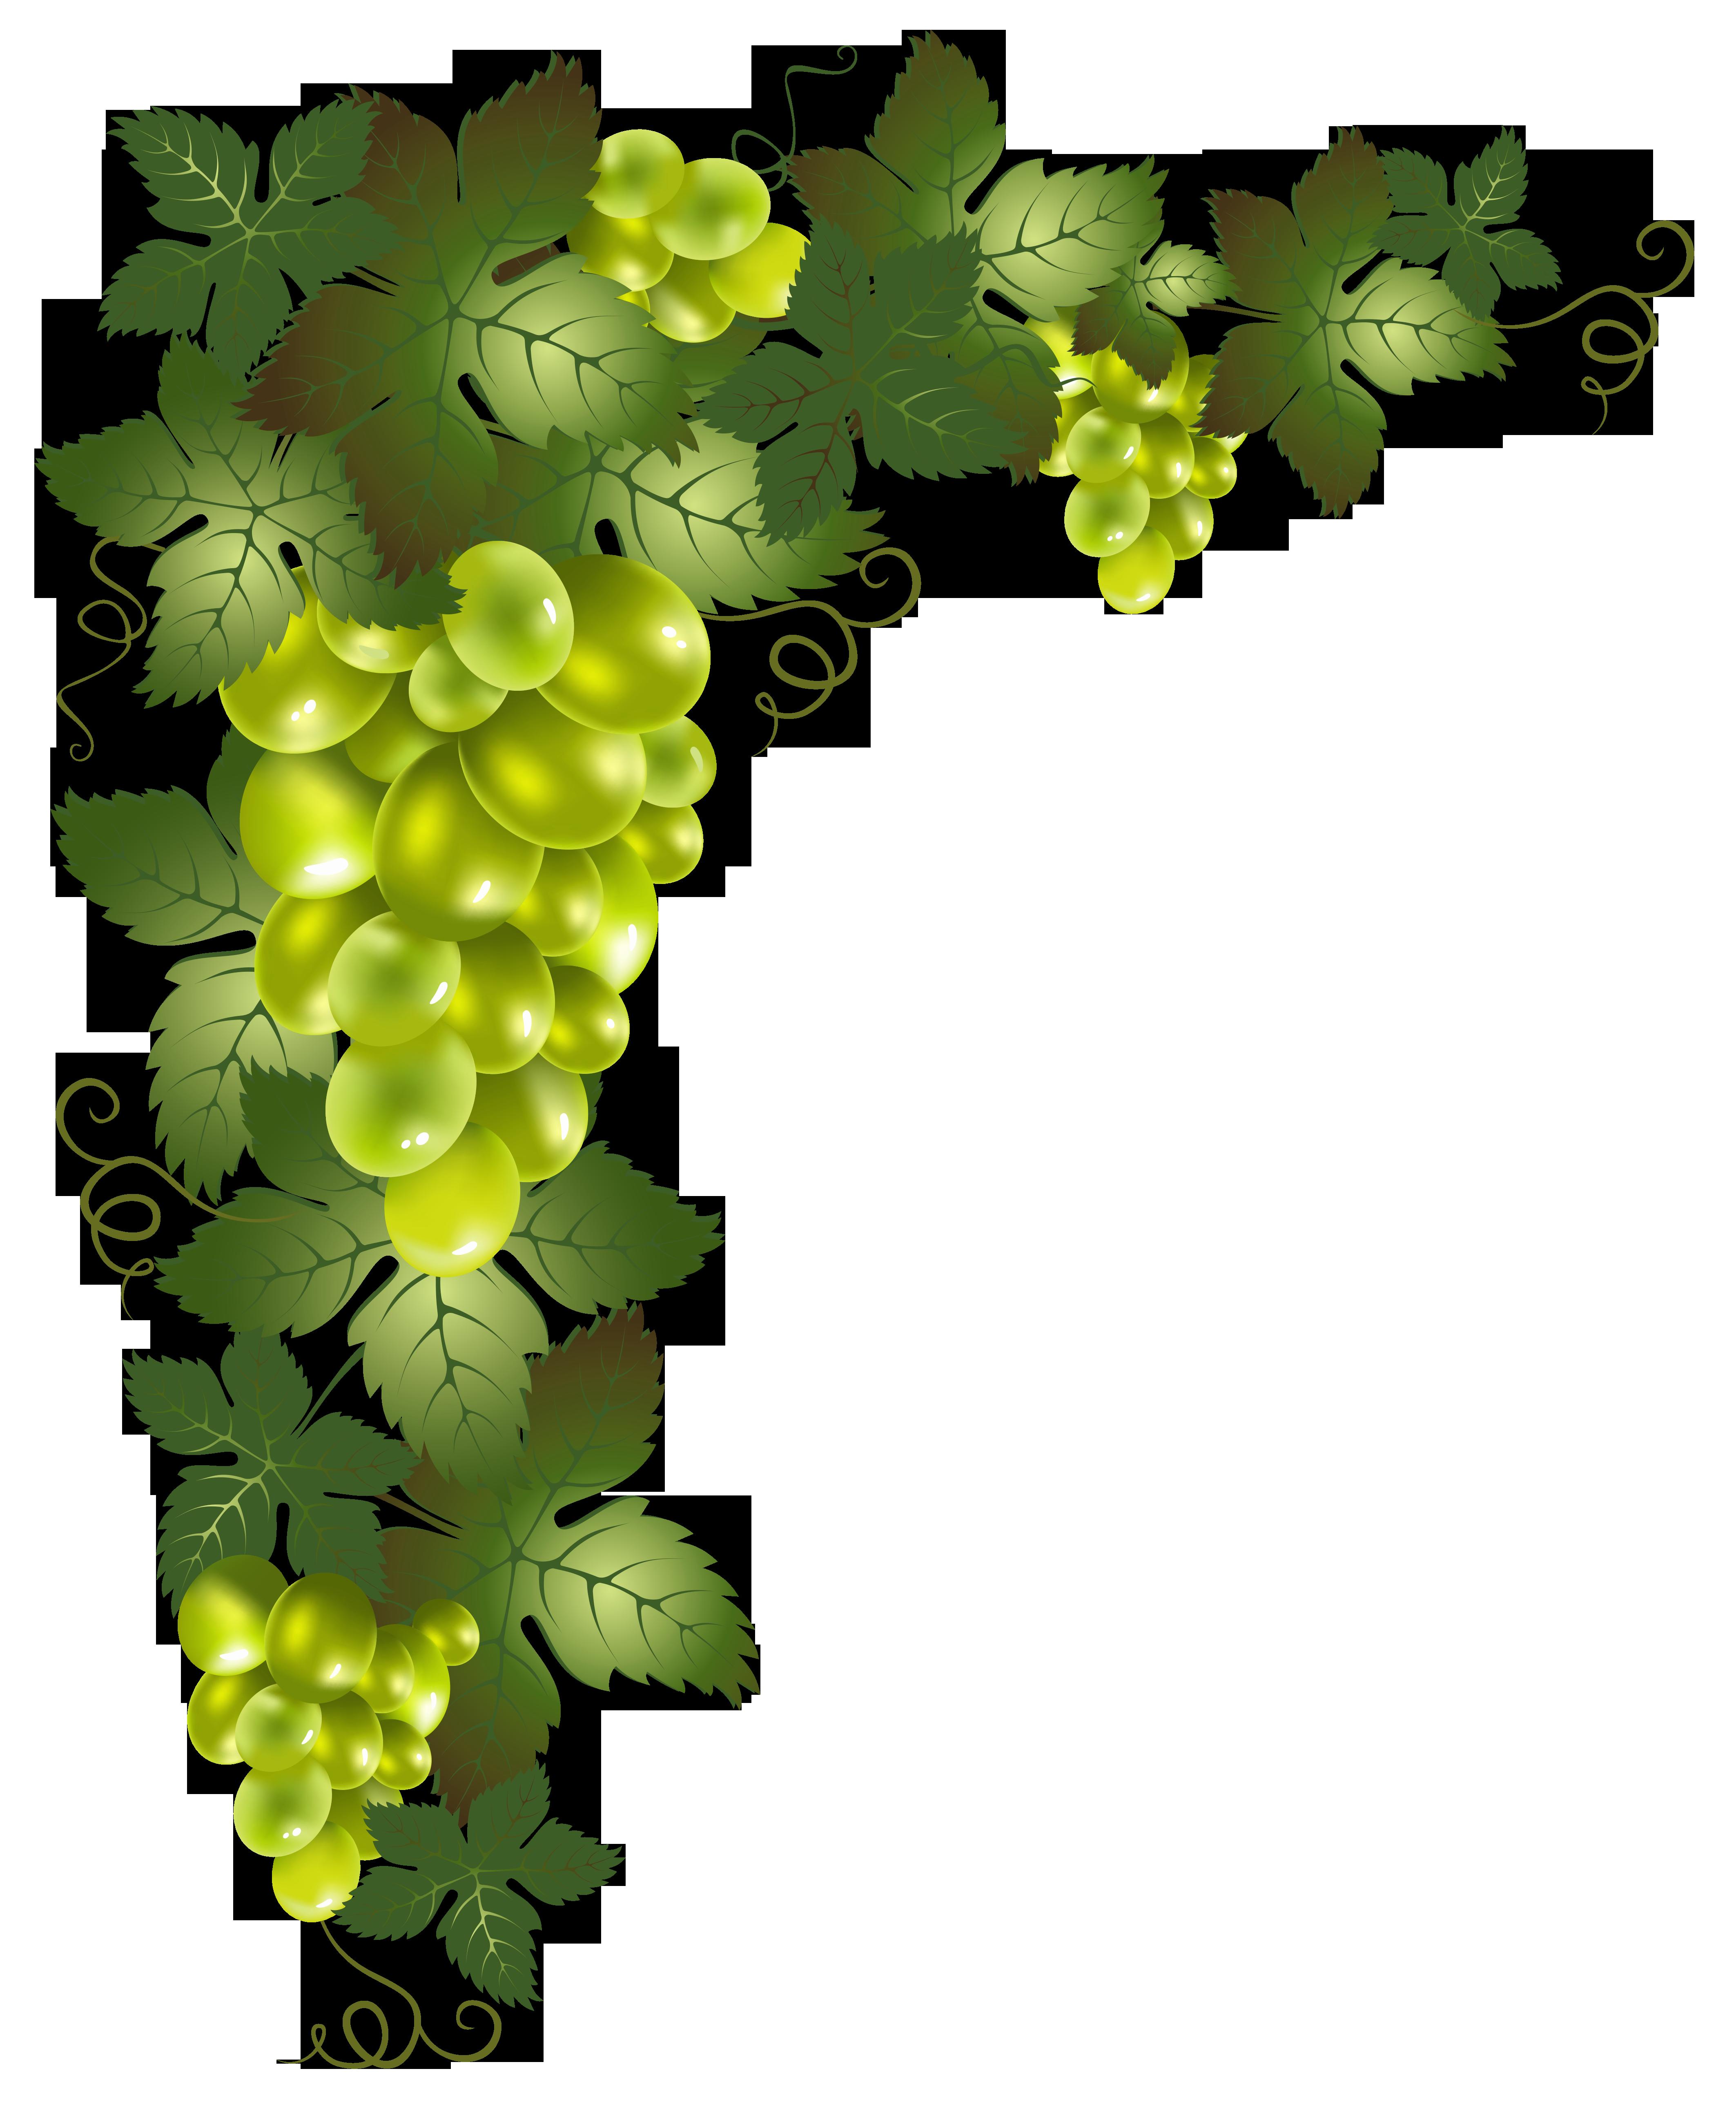 Grapes clipart border. Transparent vine decorative element